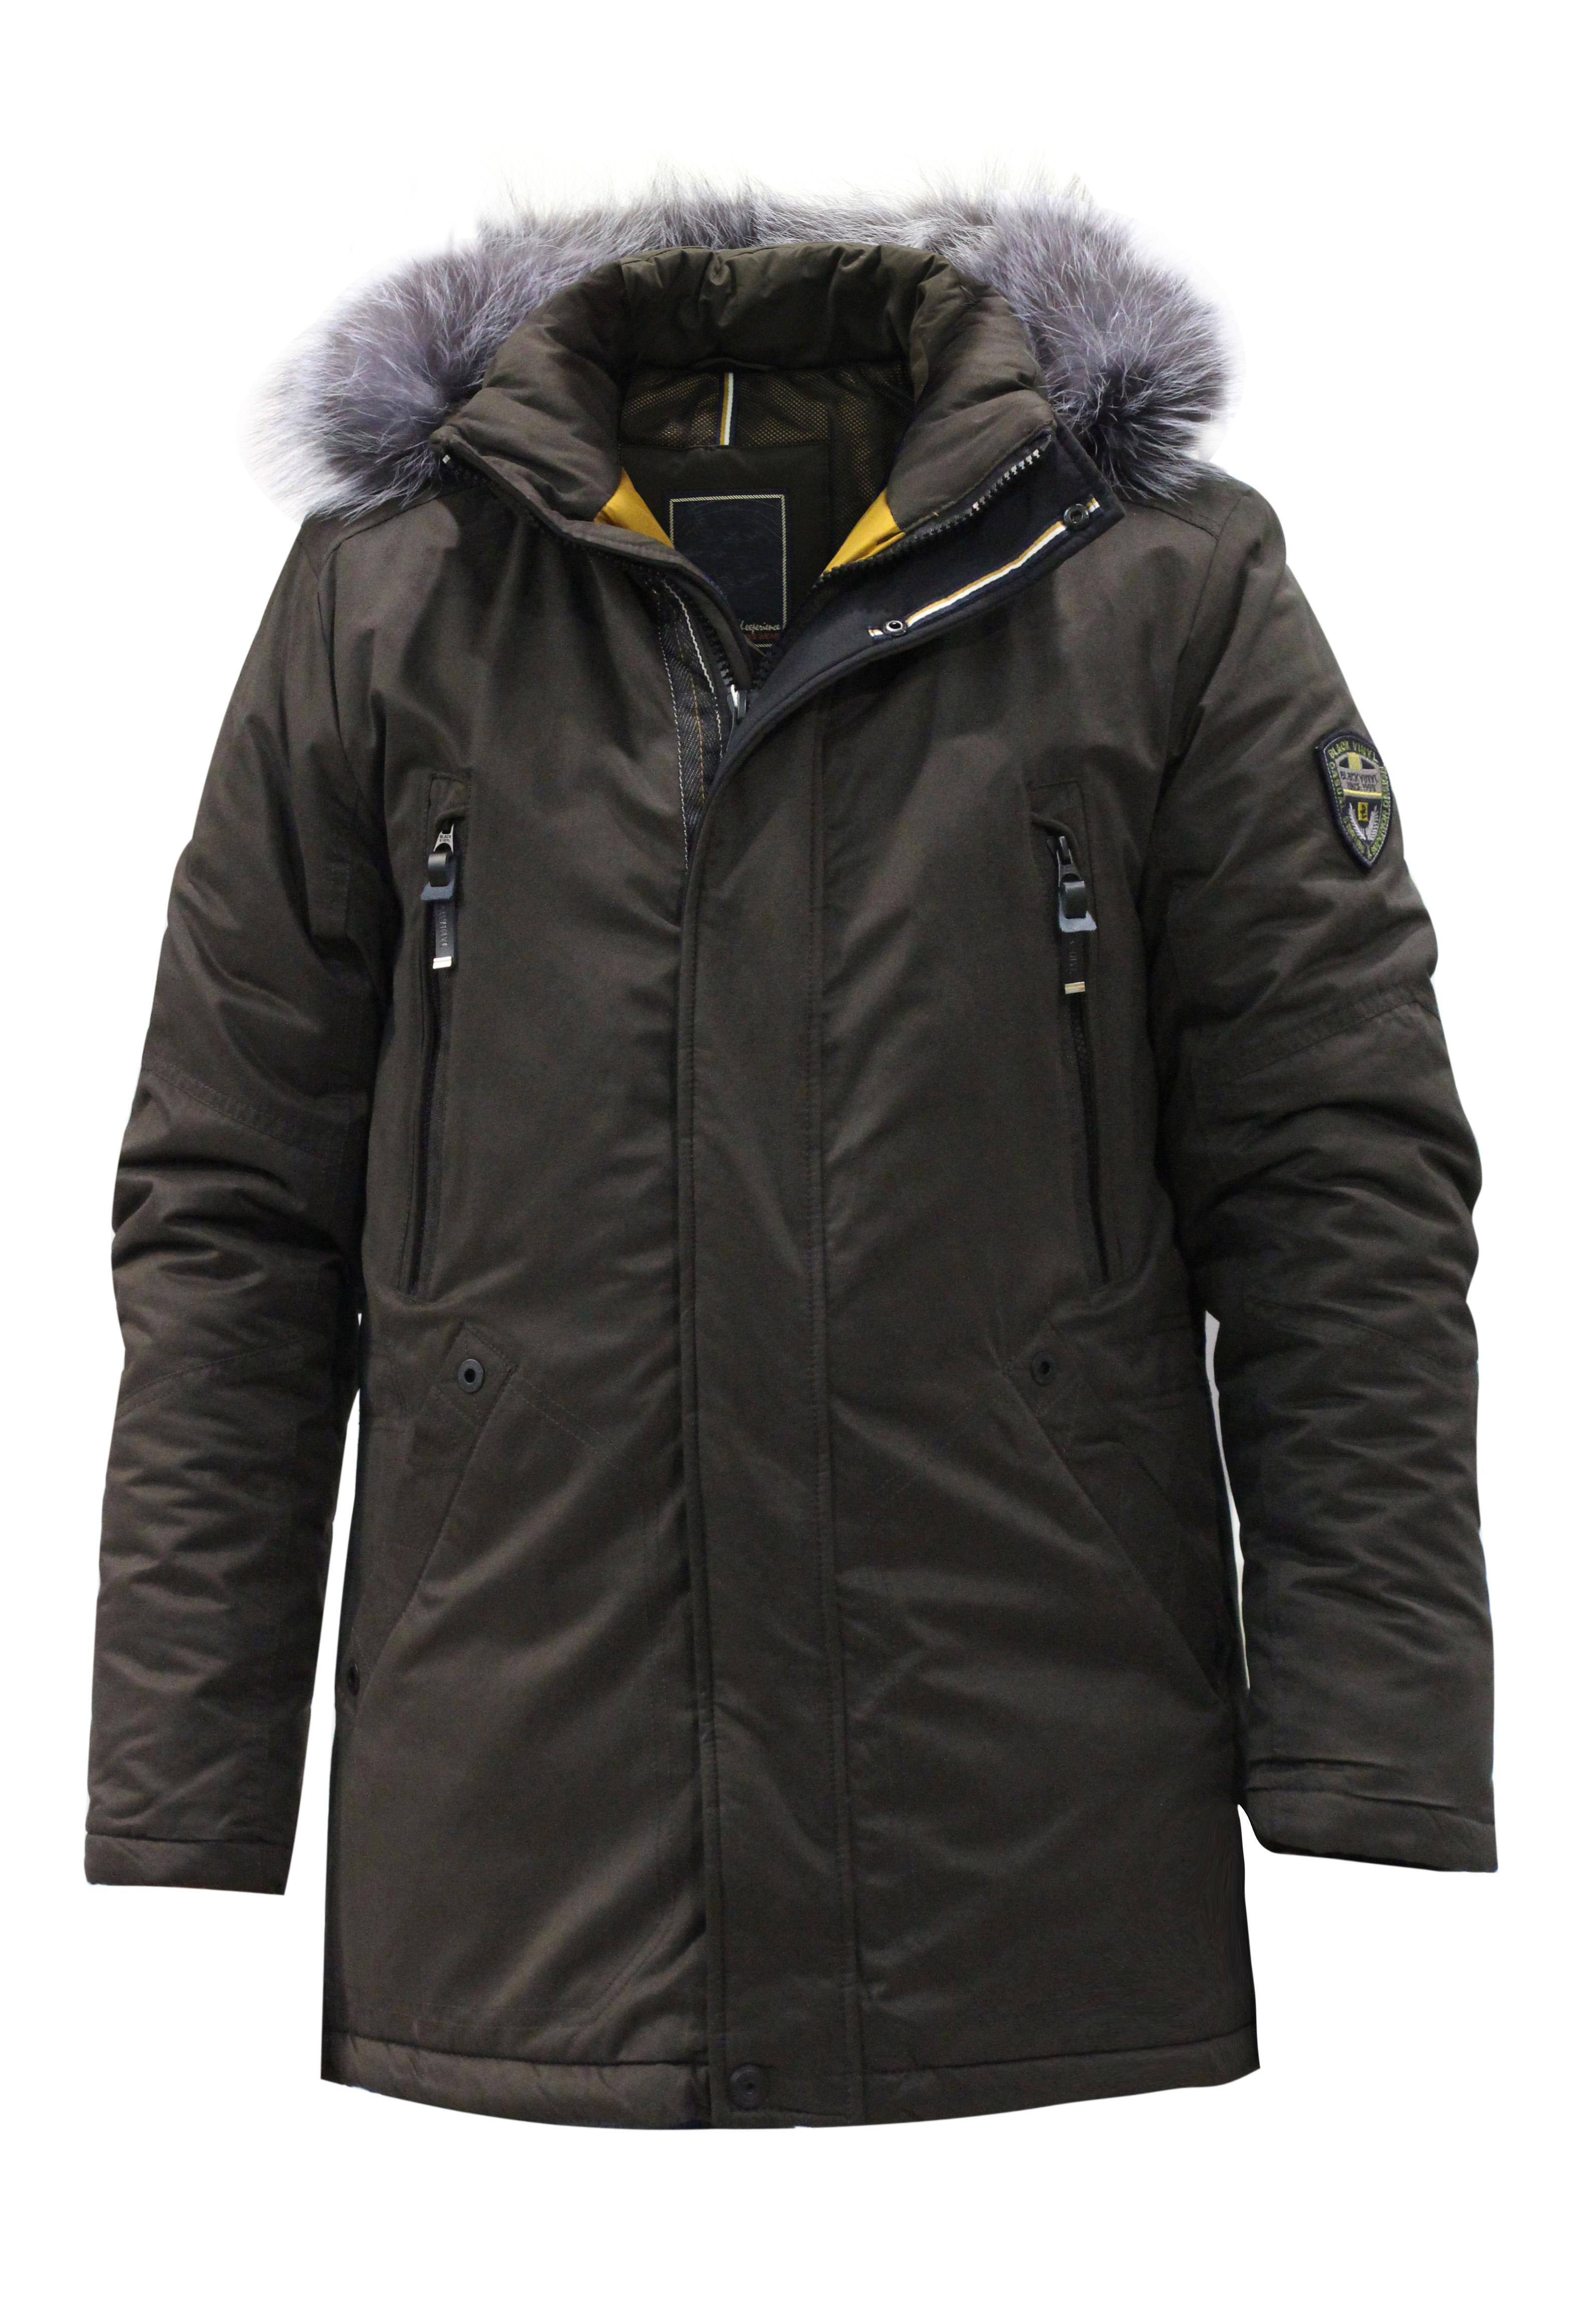 Зимняя куртка, Санкт-Петербург, Brikston